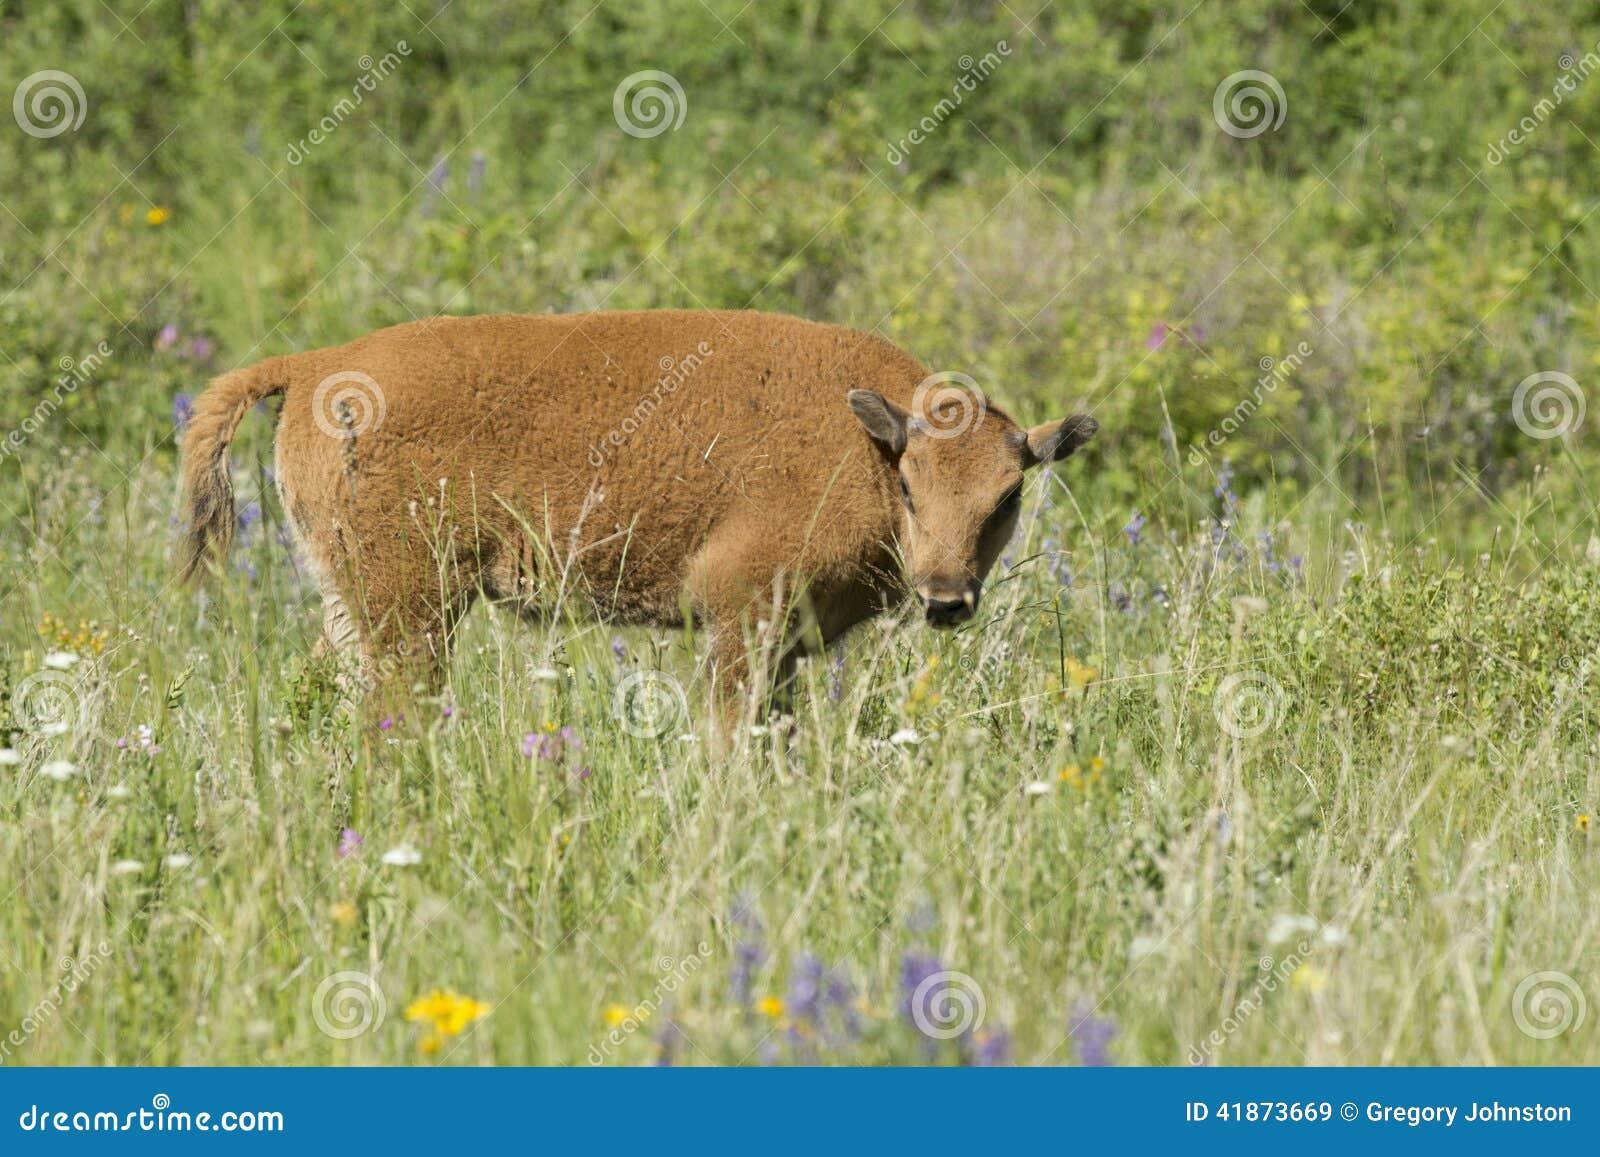 Vitela do bisonte no campo